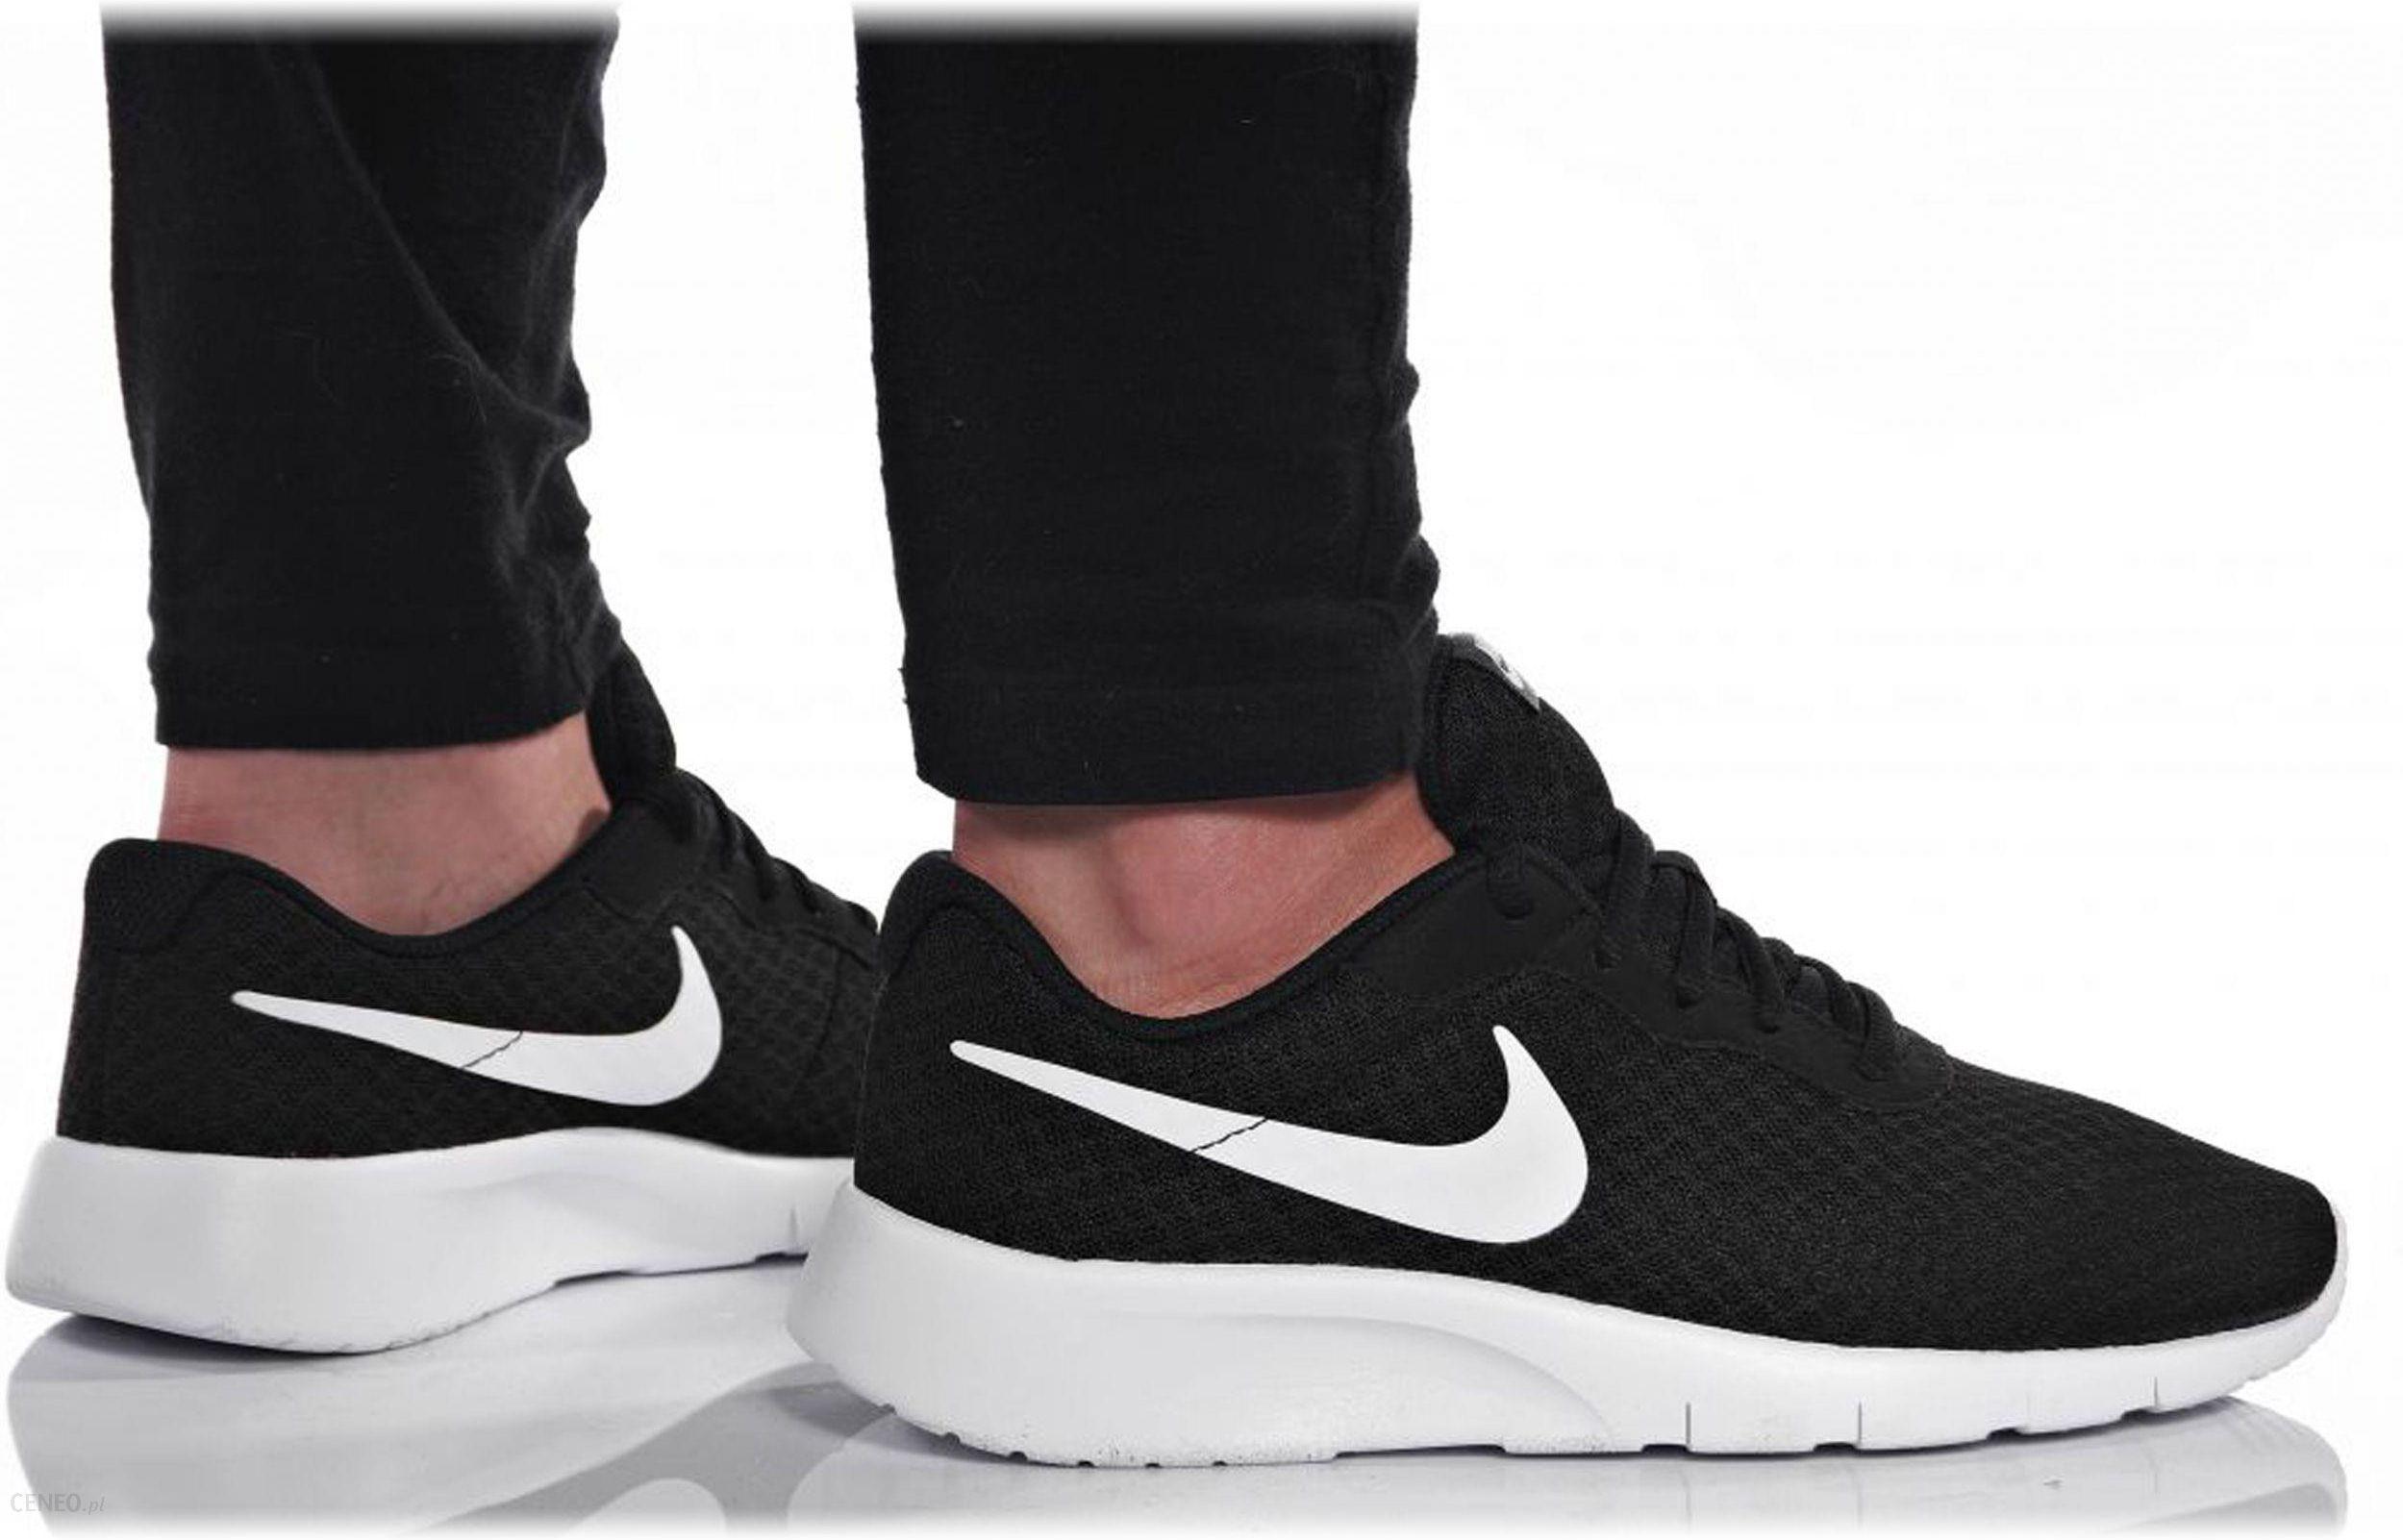 Buty Nike Tanjun Damskie 818381 011 Czarne Ceny i opinie Ceneo.pl